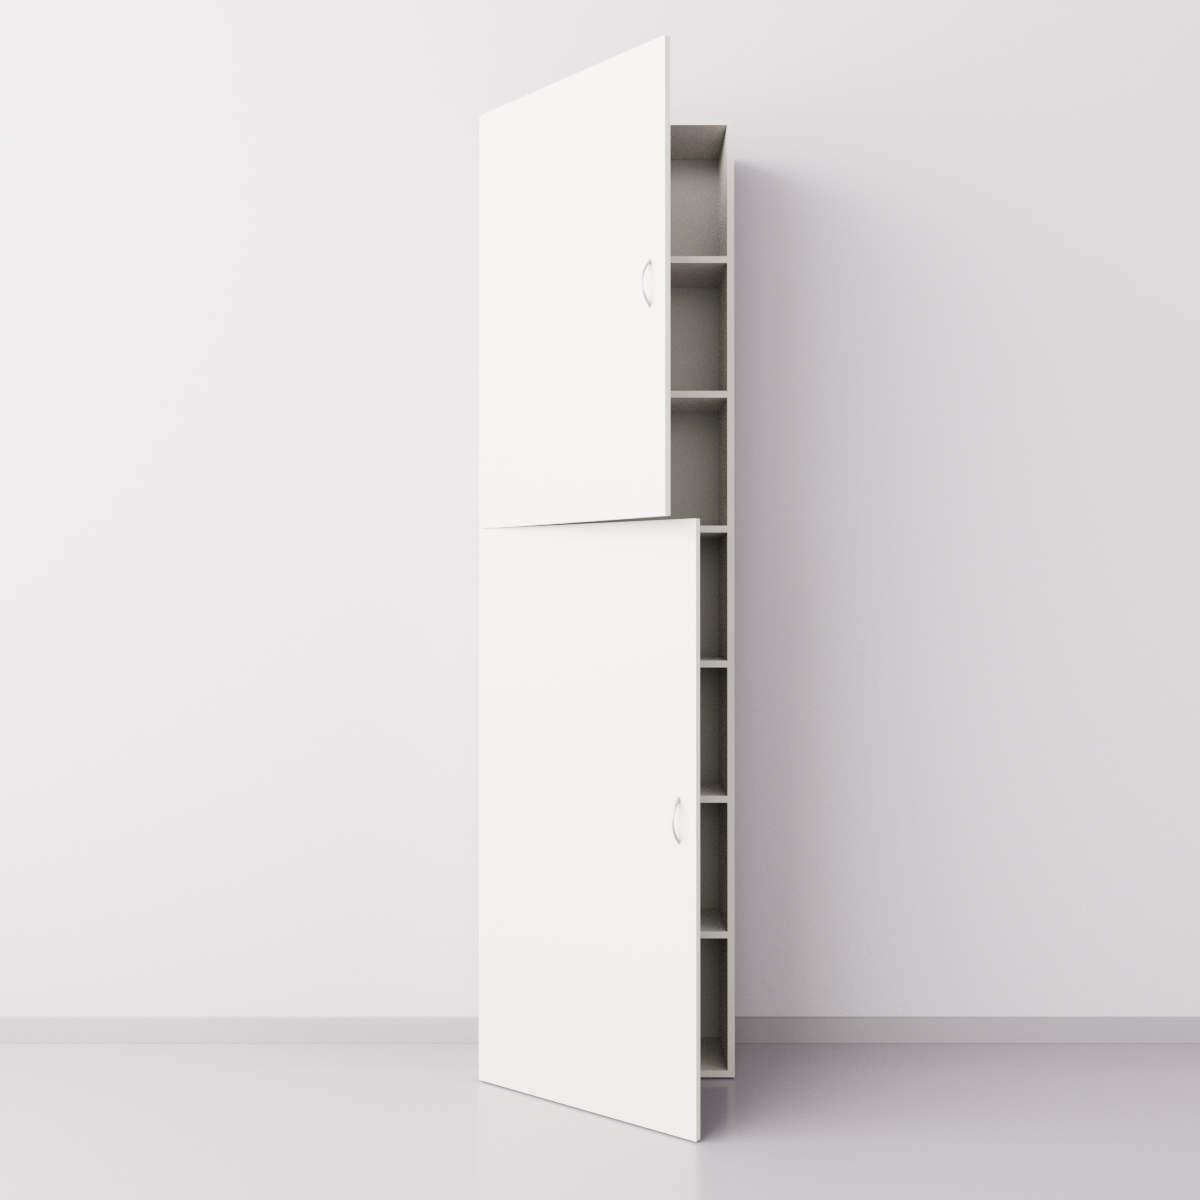 Шкаф из ДСП 1x7 прямоугольников с дверцами, белый